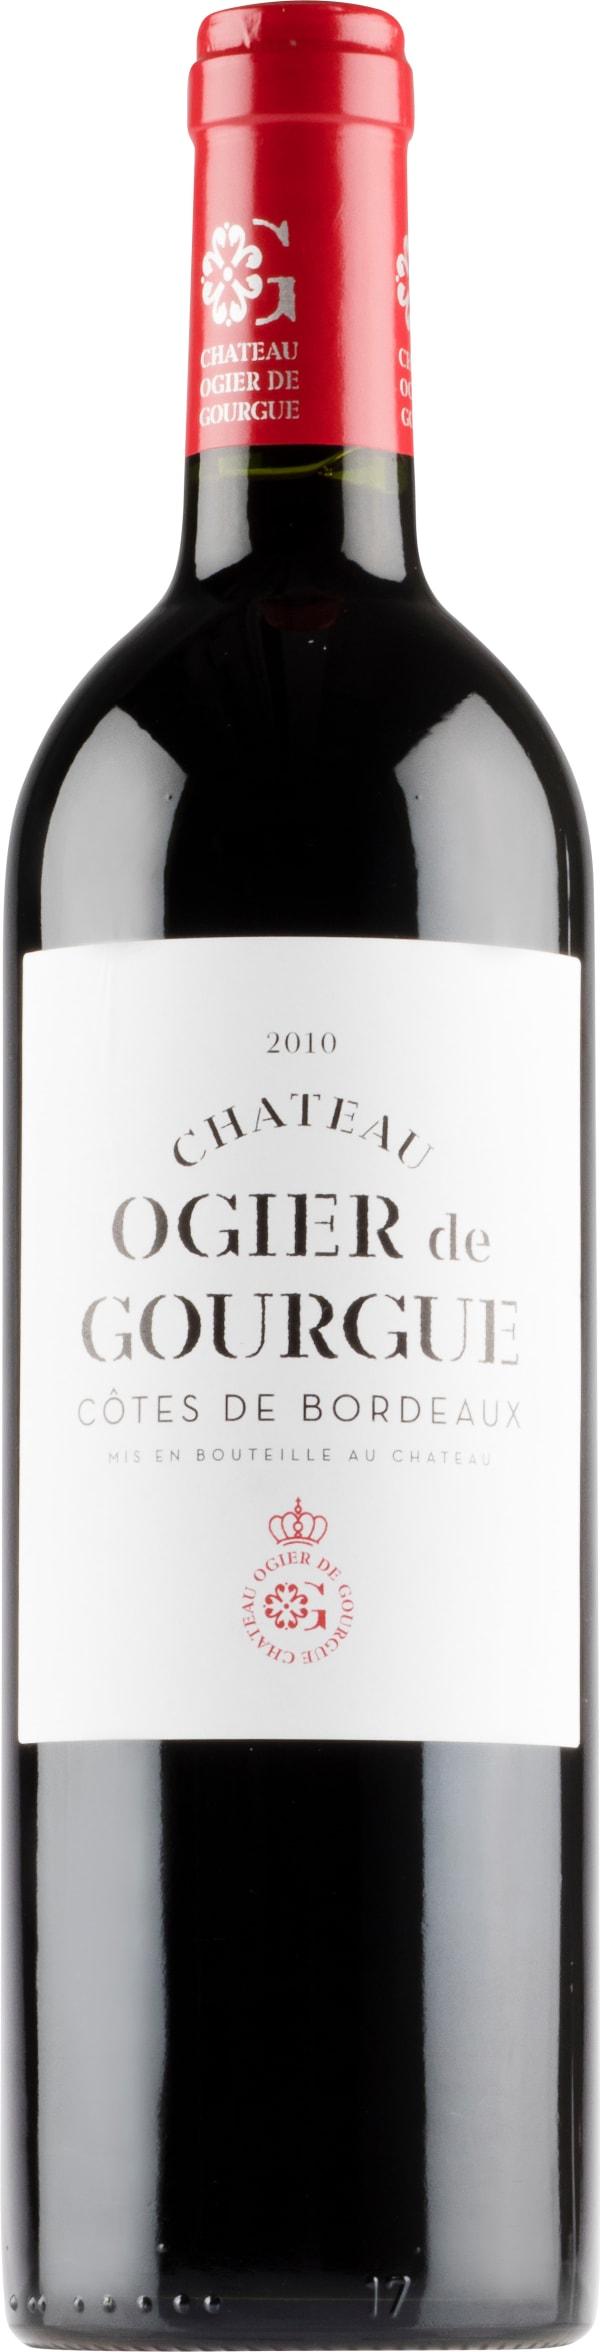 Château Ogier de Gourgue 2010